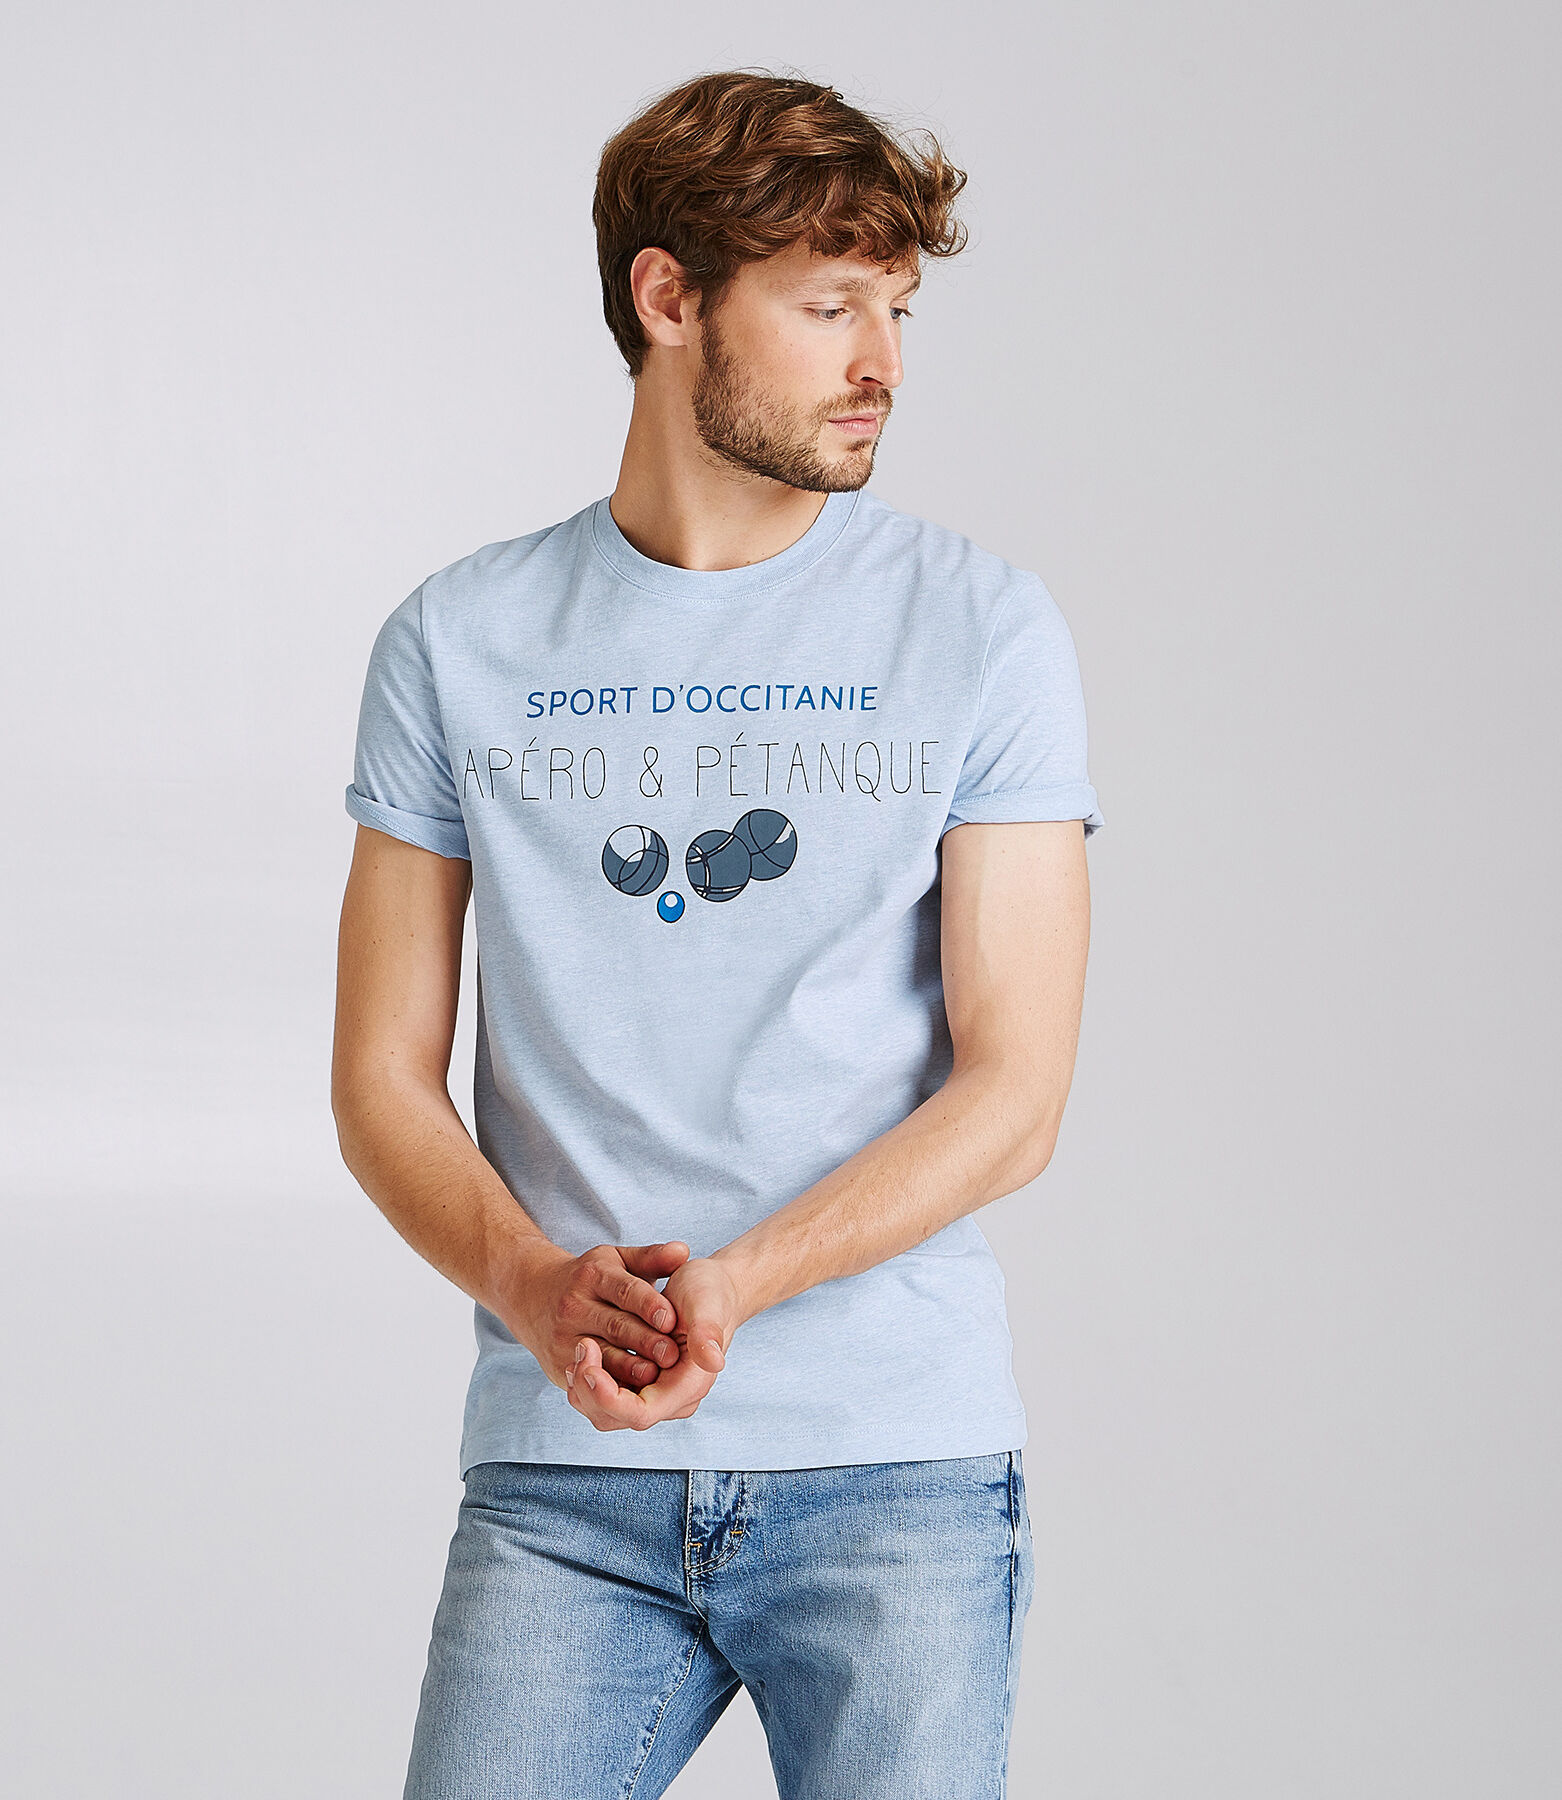 T-shirt met opdruk Apéro et Petanque, knipoog naa